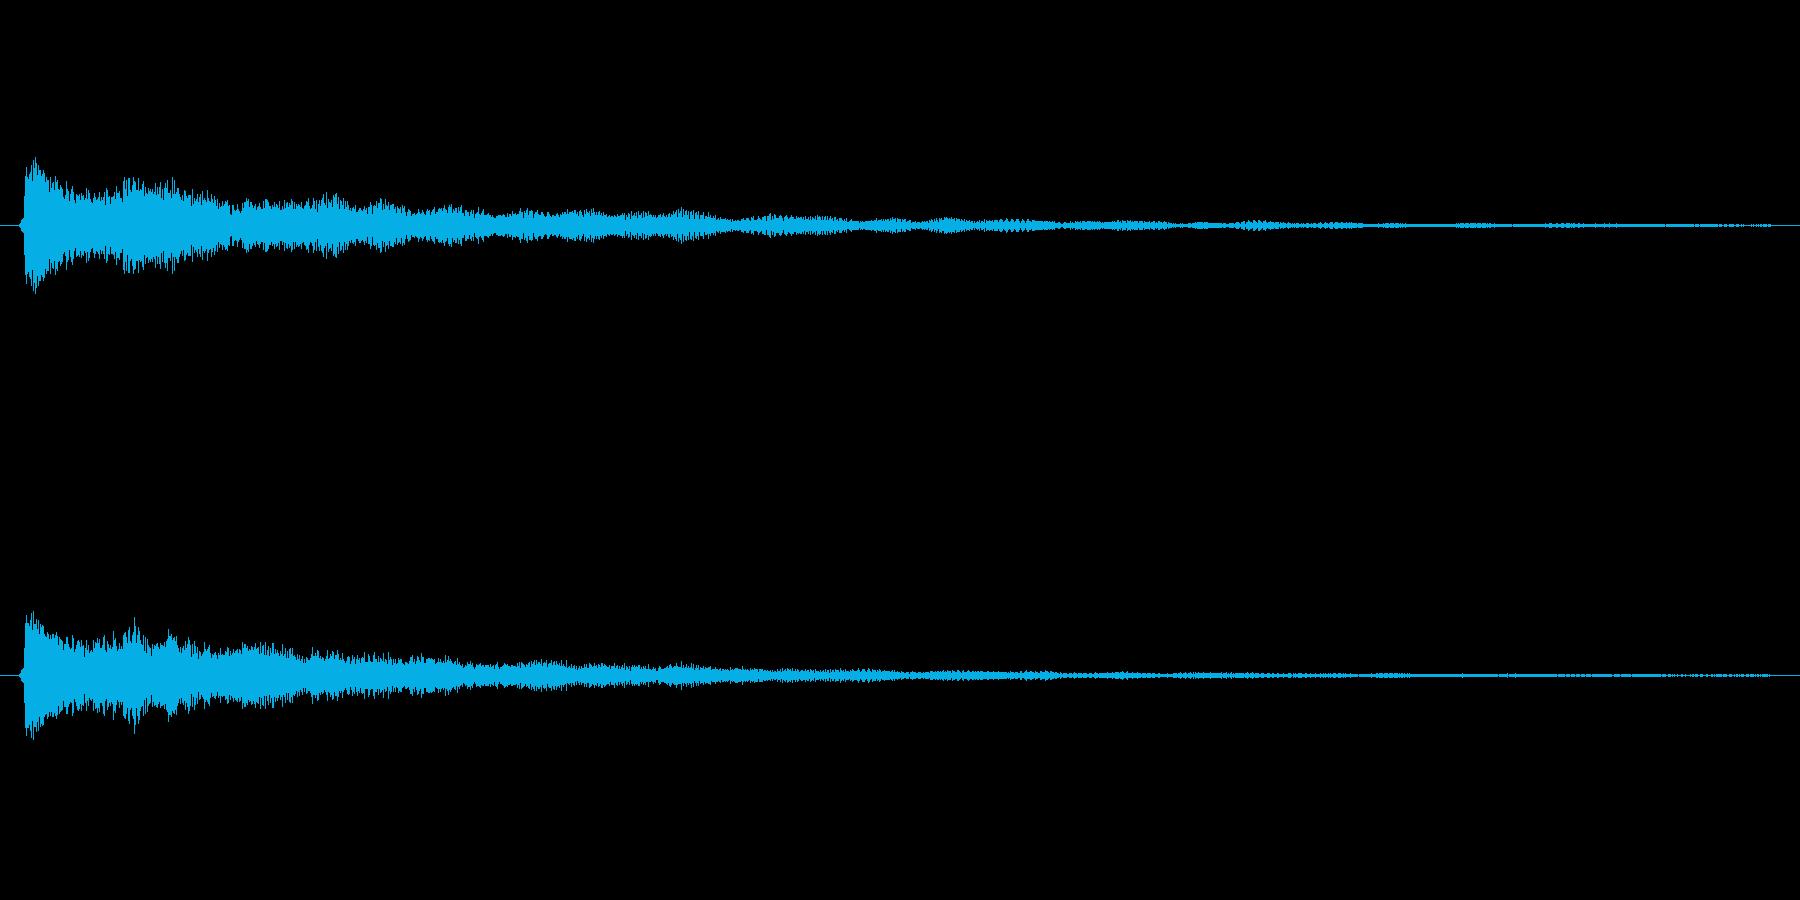 美しいベルのような効果音(ボタン、通知)の再生済みの波形